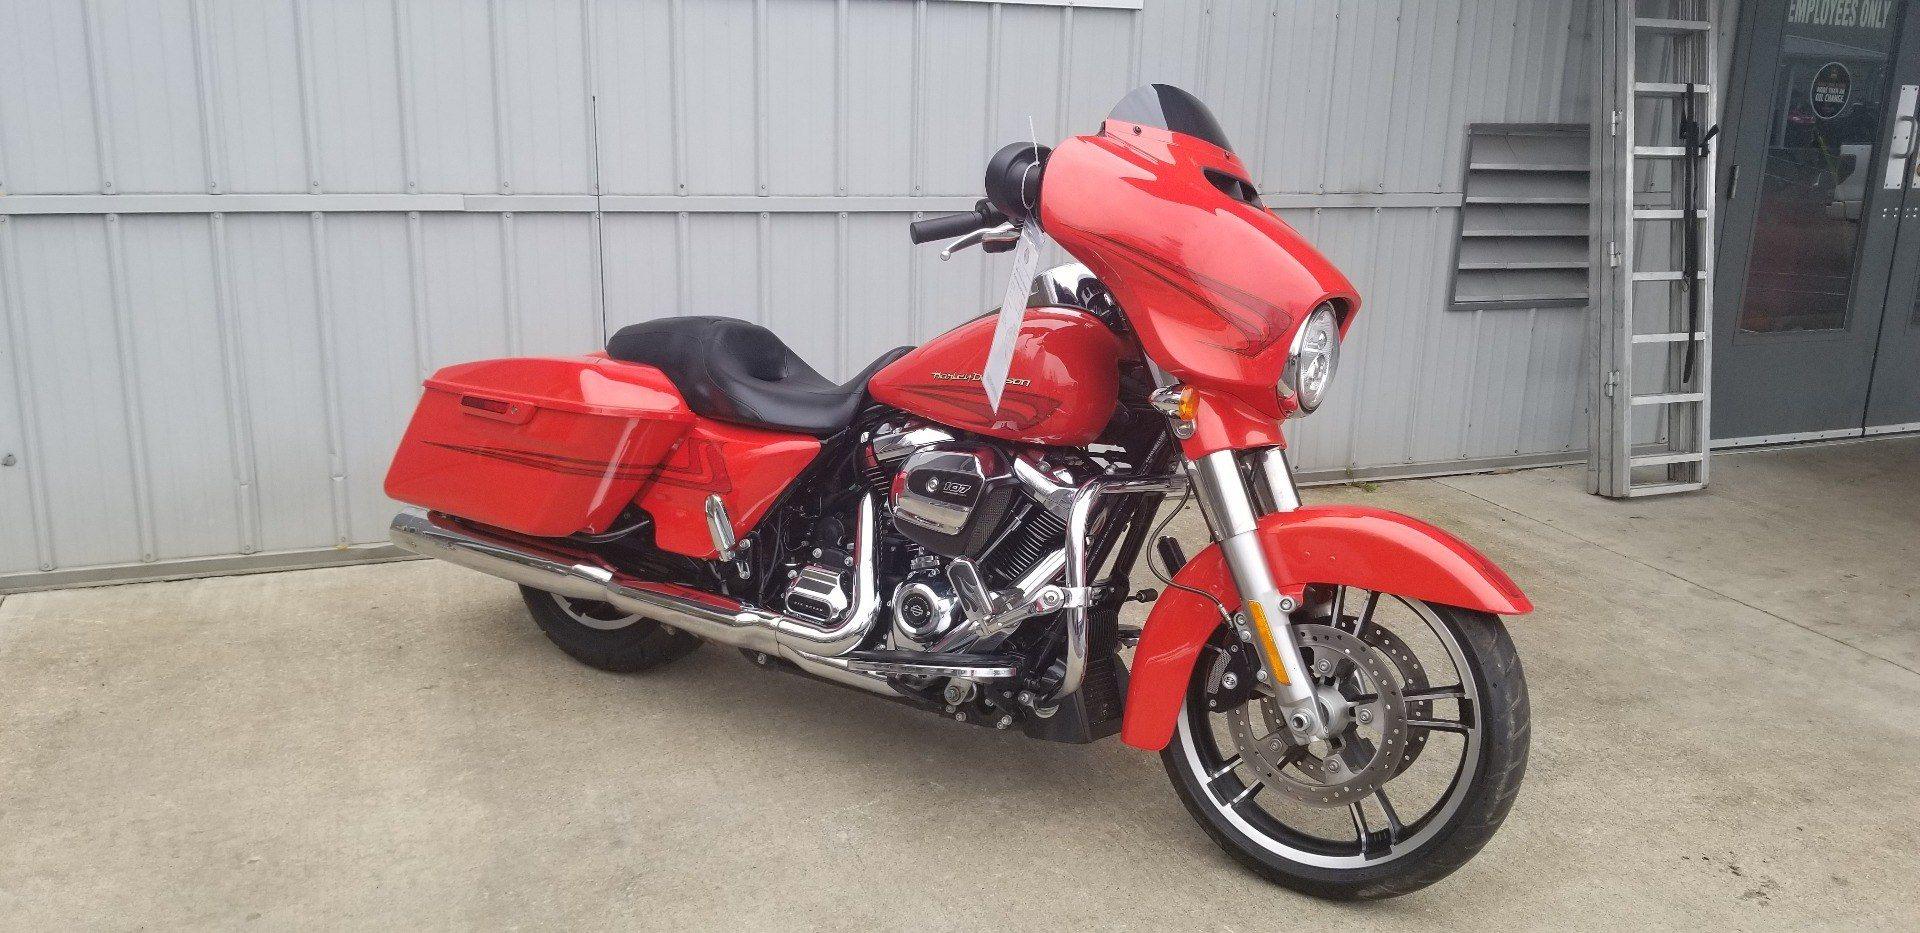 2017 Harley-Davidson Street Glide Special for sale 35014